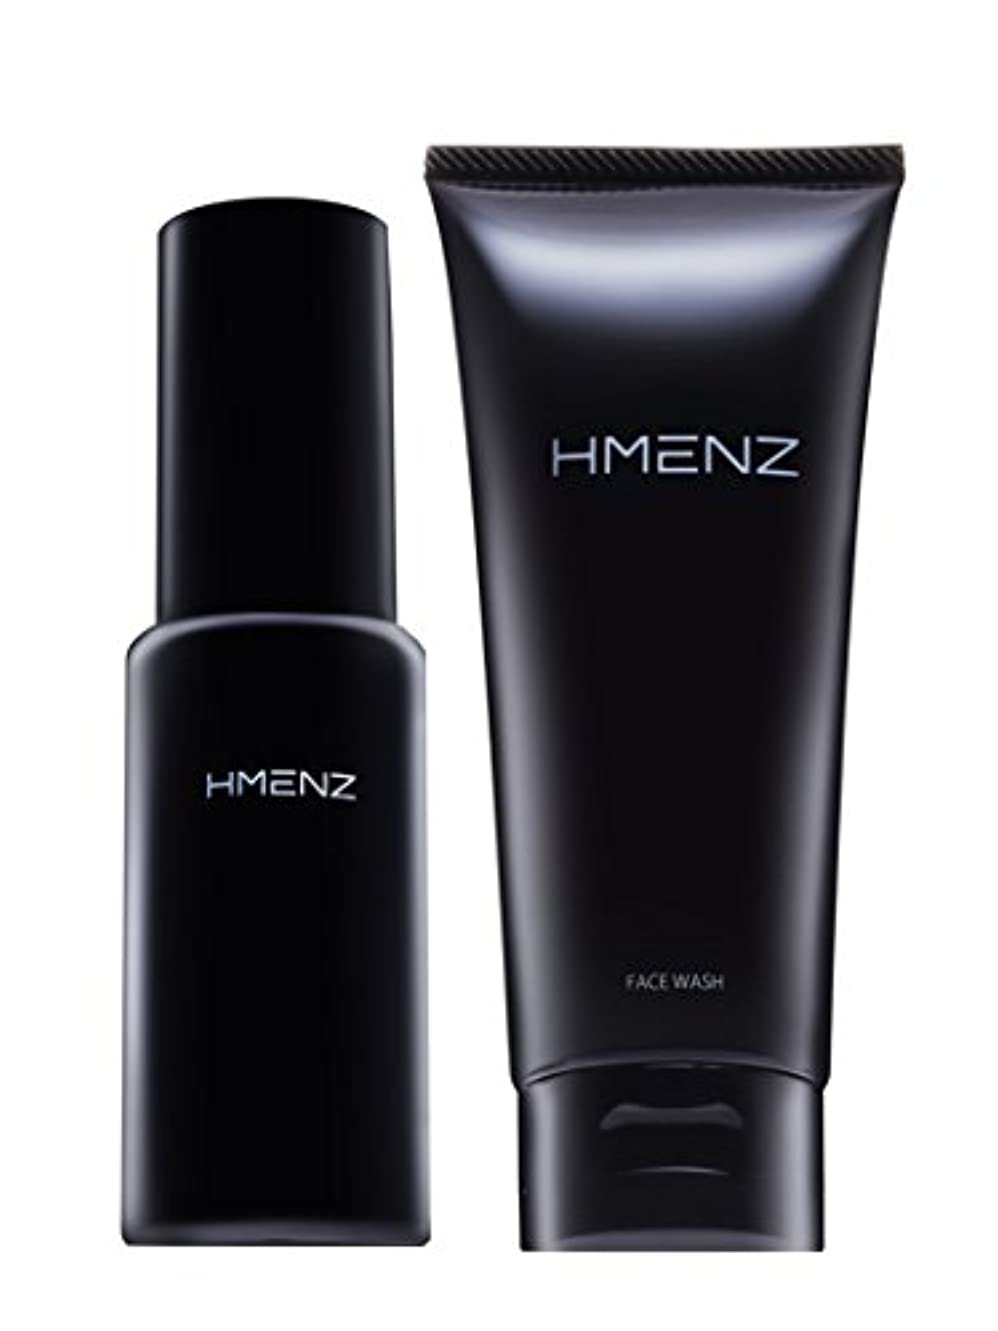 包帯アルファベット硬い医薬部外品【 スキンケア セット 】HMENZ メンズ 洗顔 & 美容液 乾燥肌 対策 保湿 (無添加 シミ対策 ニキビ対策 エイジングケア) 洗顔 オールインワン ジェル 100g&50ml